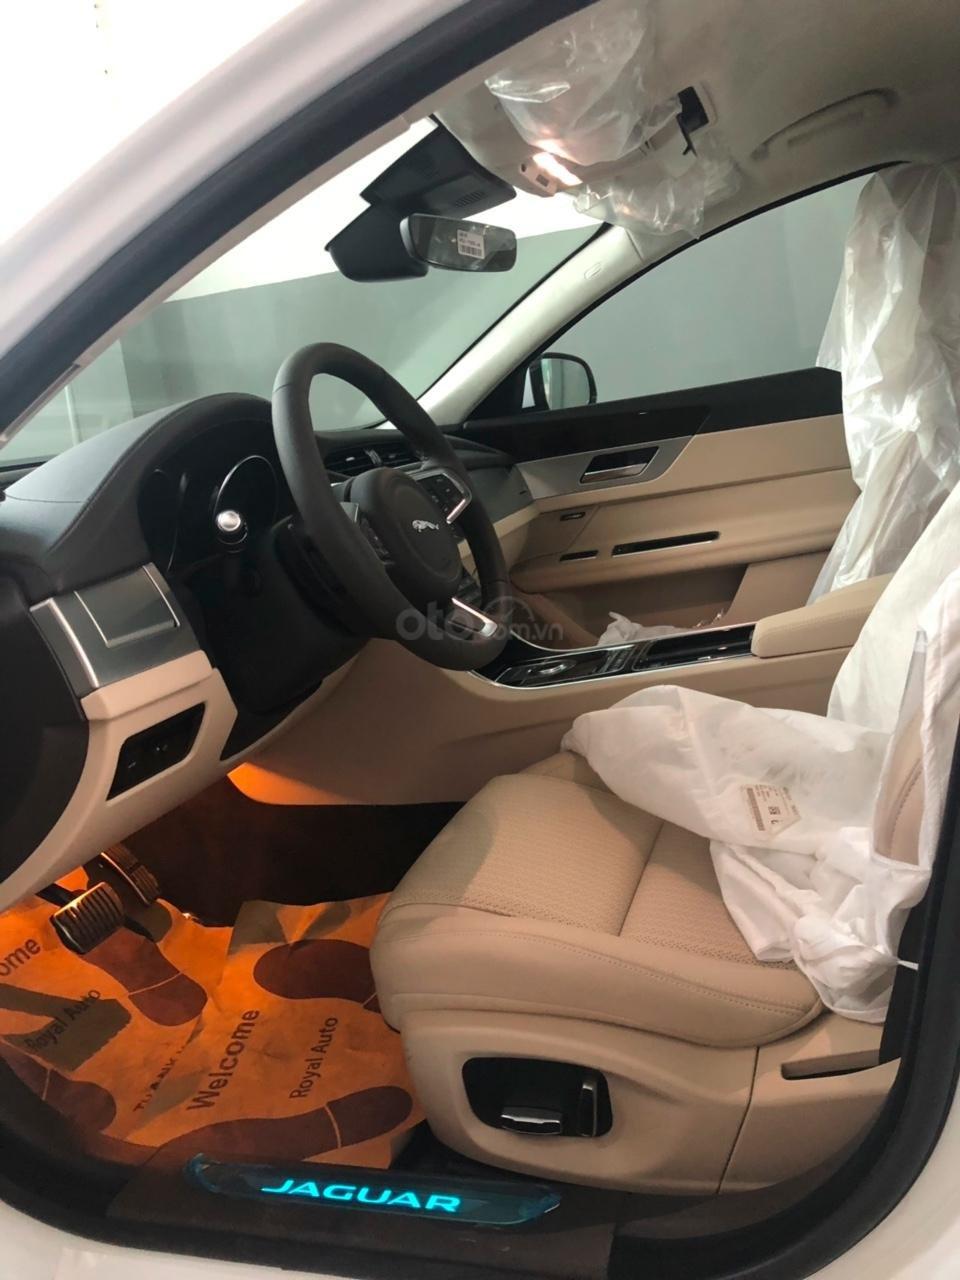 Bán giá xe Jaguar XF Prestige sản xuất 2018, giá 2019 màu trắng, màu đỏ, đen giao xe ngay 0932222253-5